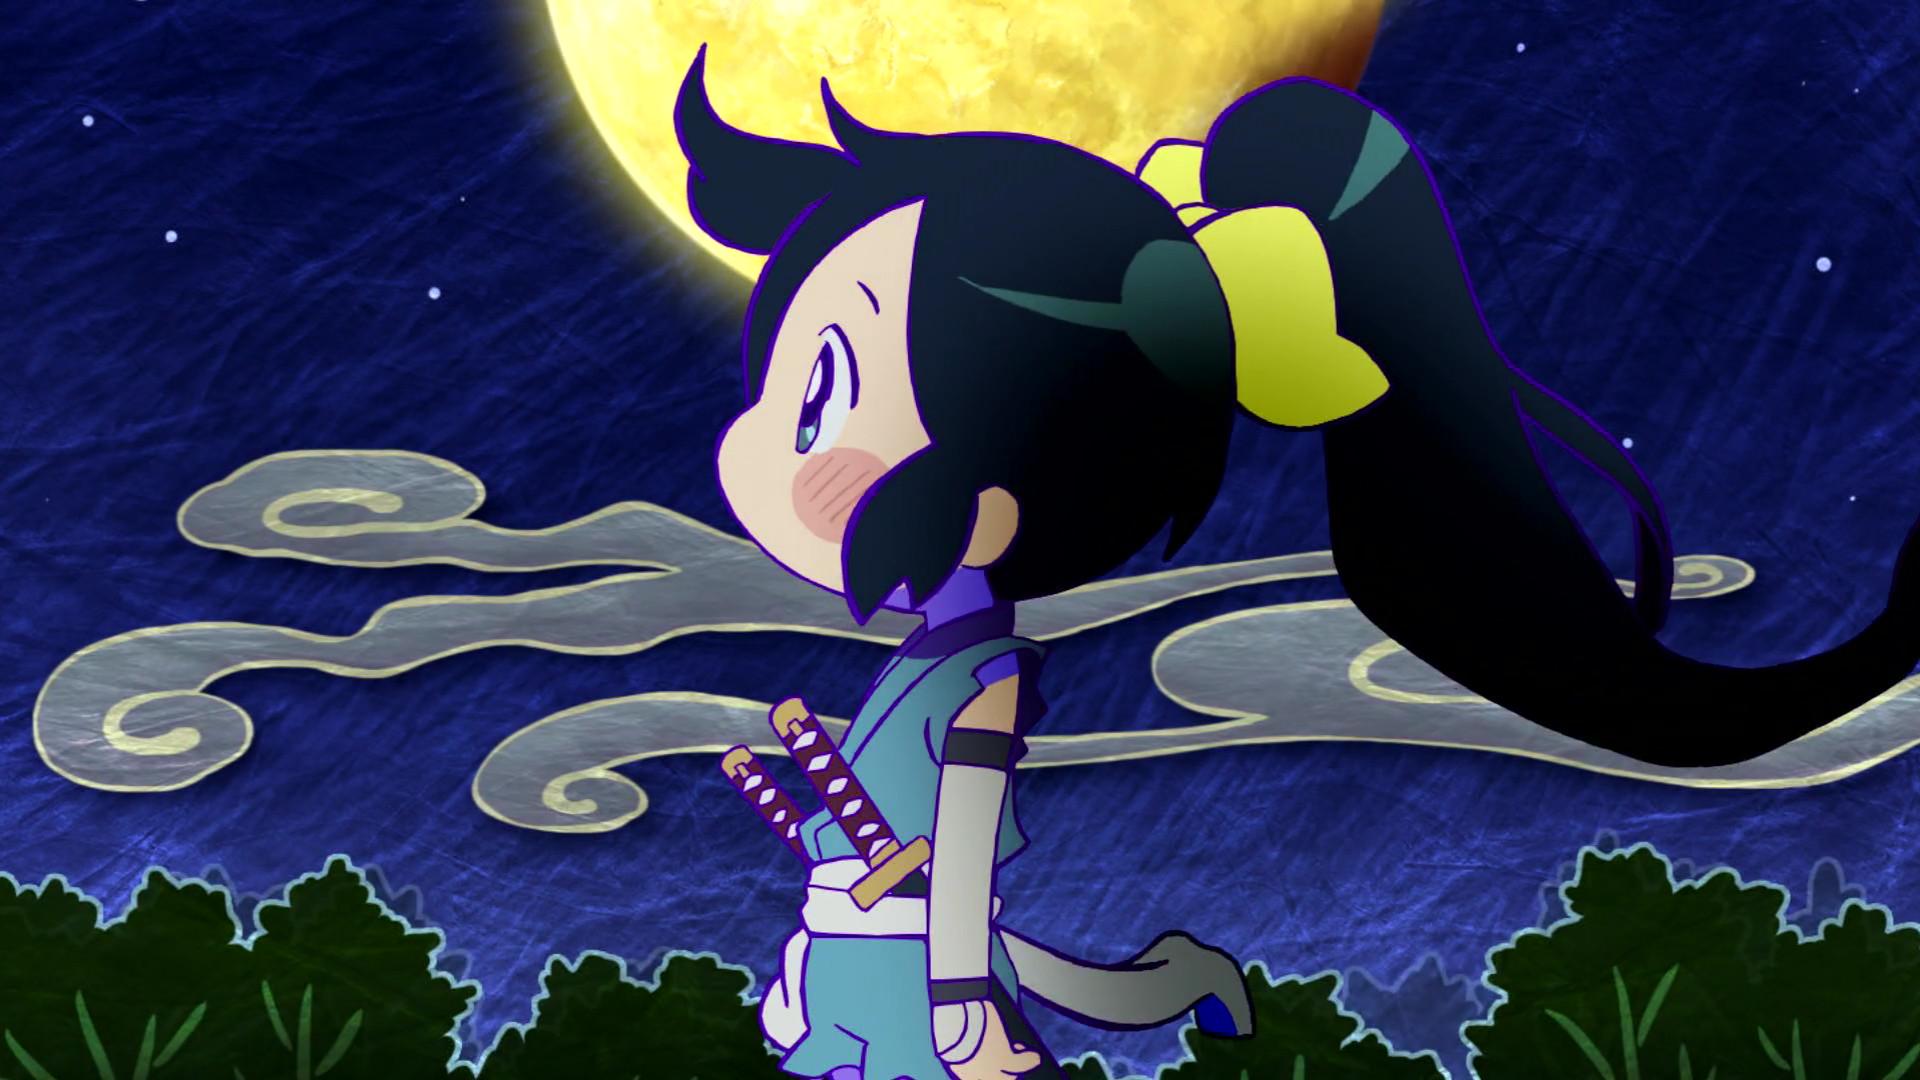 http://livedoor.blogimg.jp/kaigai_no/imgs/f/d/fdbe6d5e.jpg